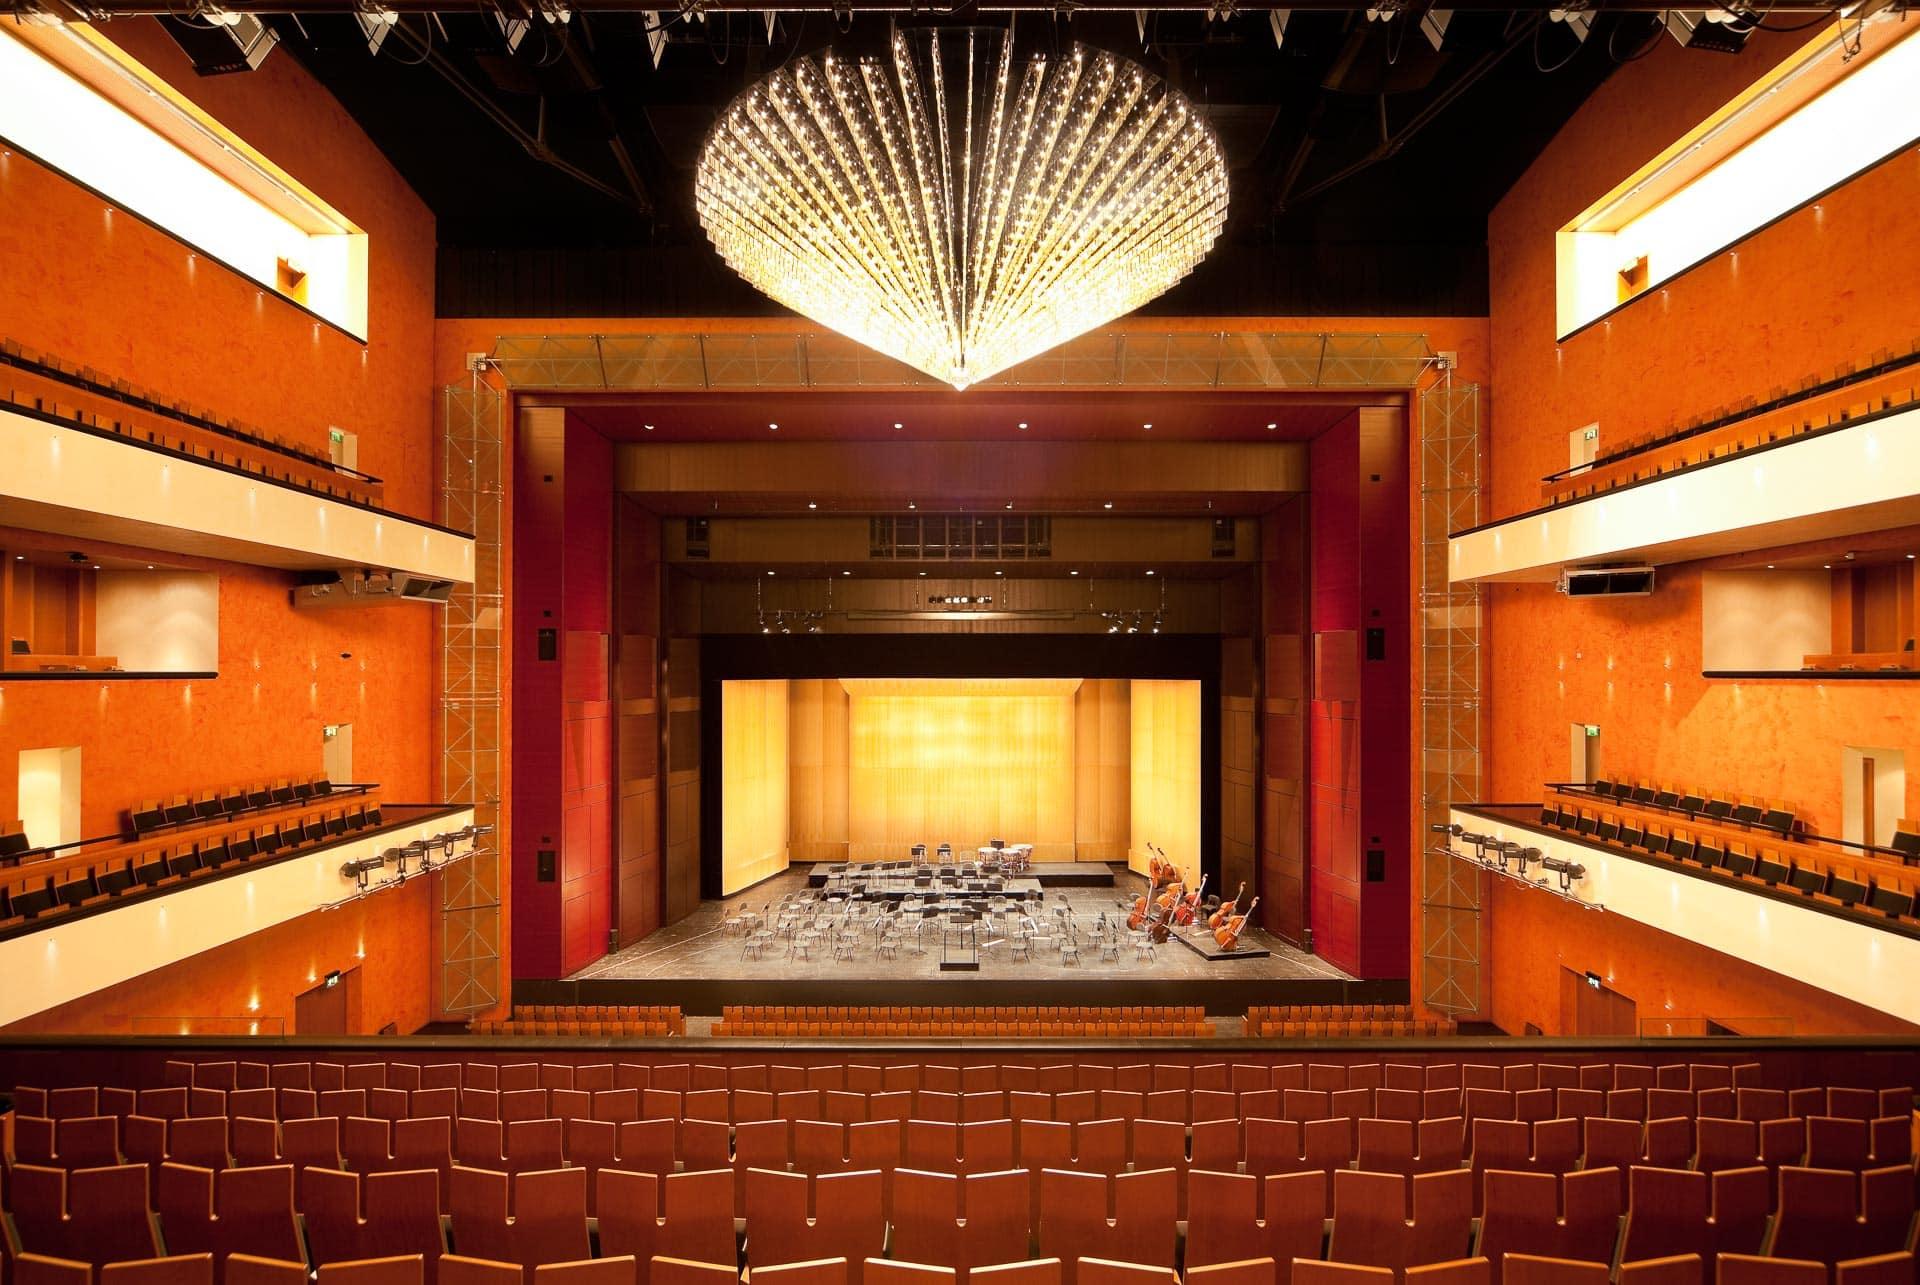 Der Konzertsaaal des SchauspielhausesBaden-Baden, Richtung Bühne gesehen.